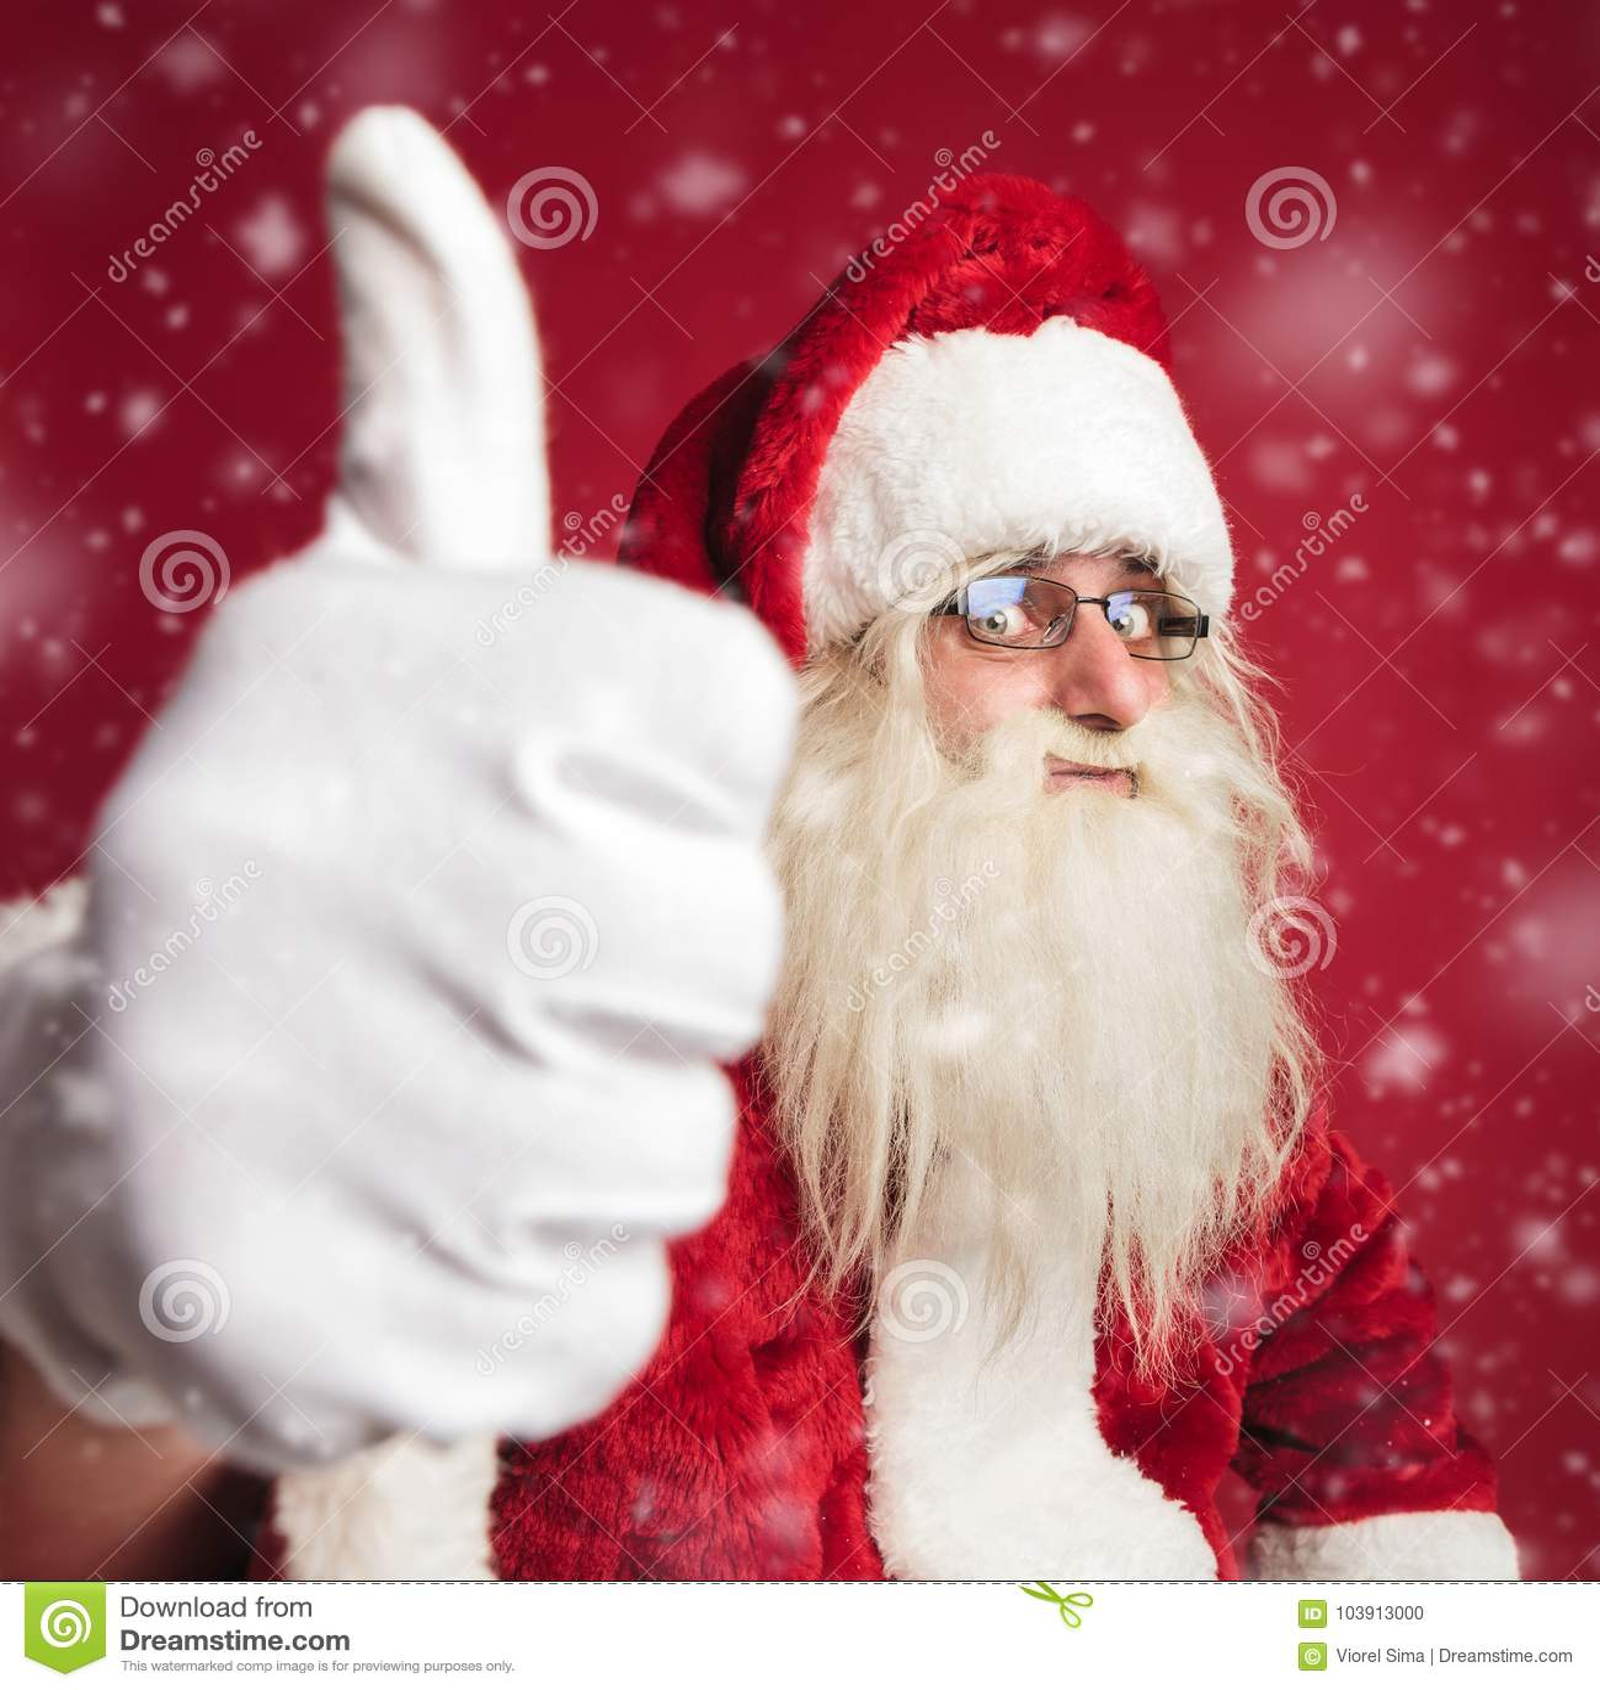 Excited Санта Клаус делая одобренный знак пока идущ снег